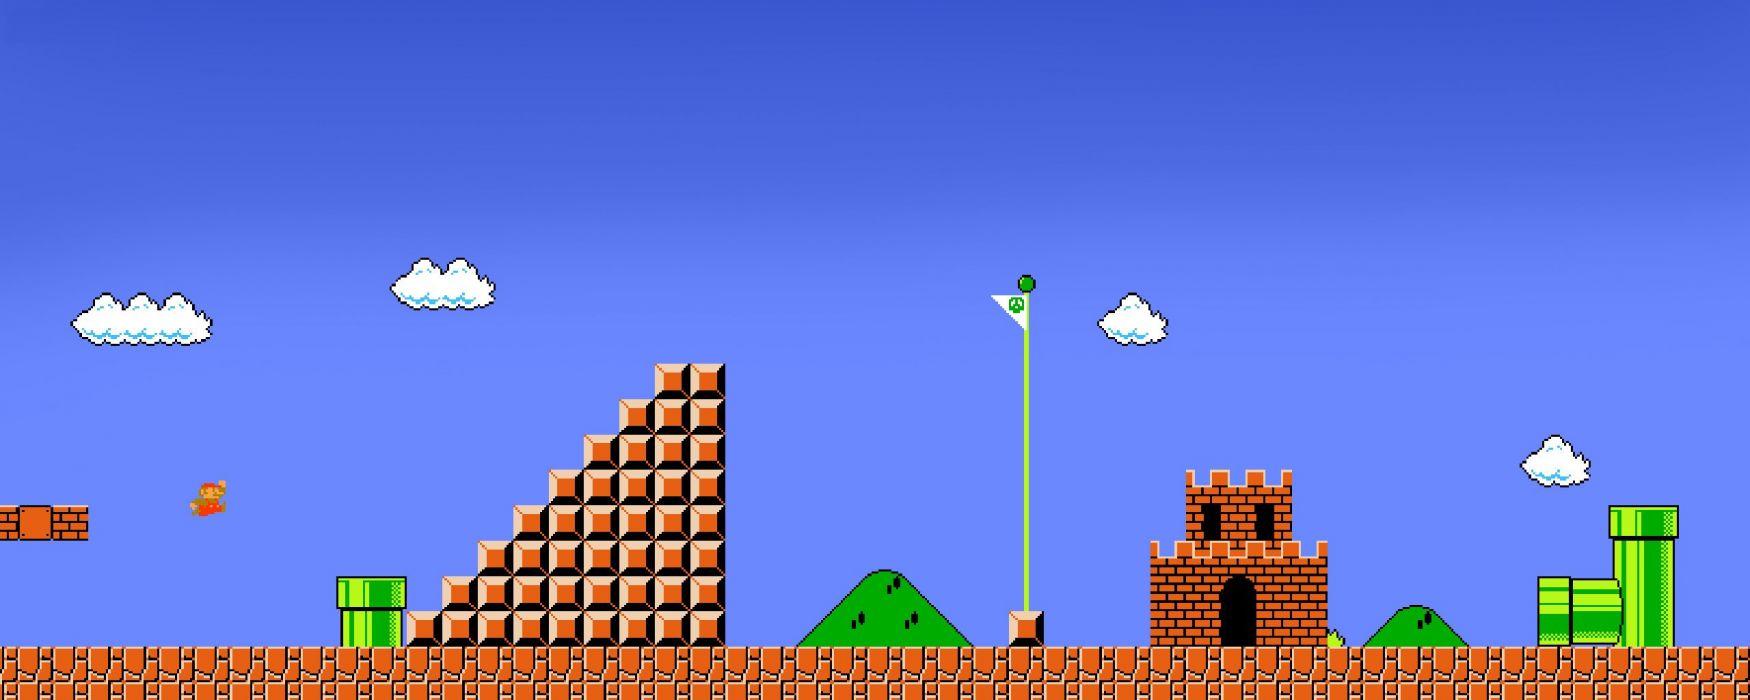 video games Mario Super Mario Bros_ wallpaper